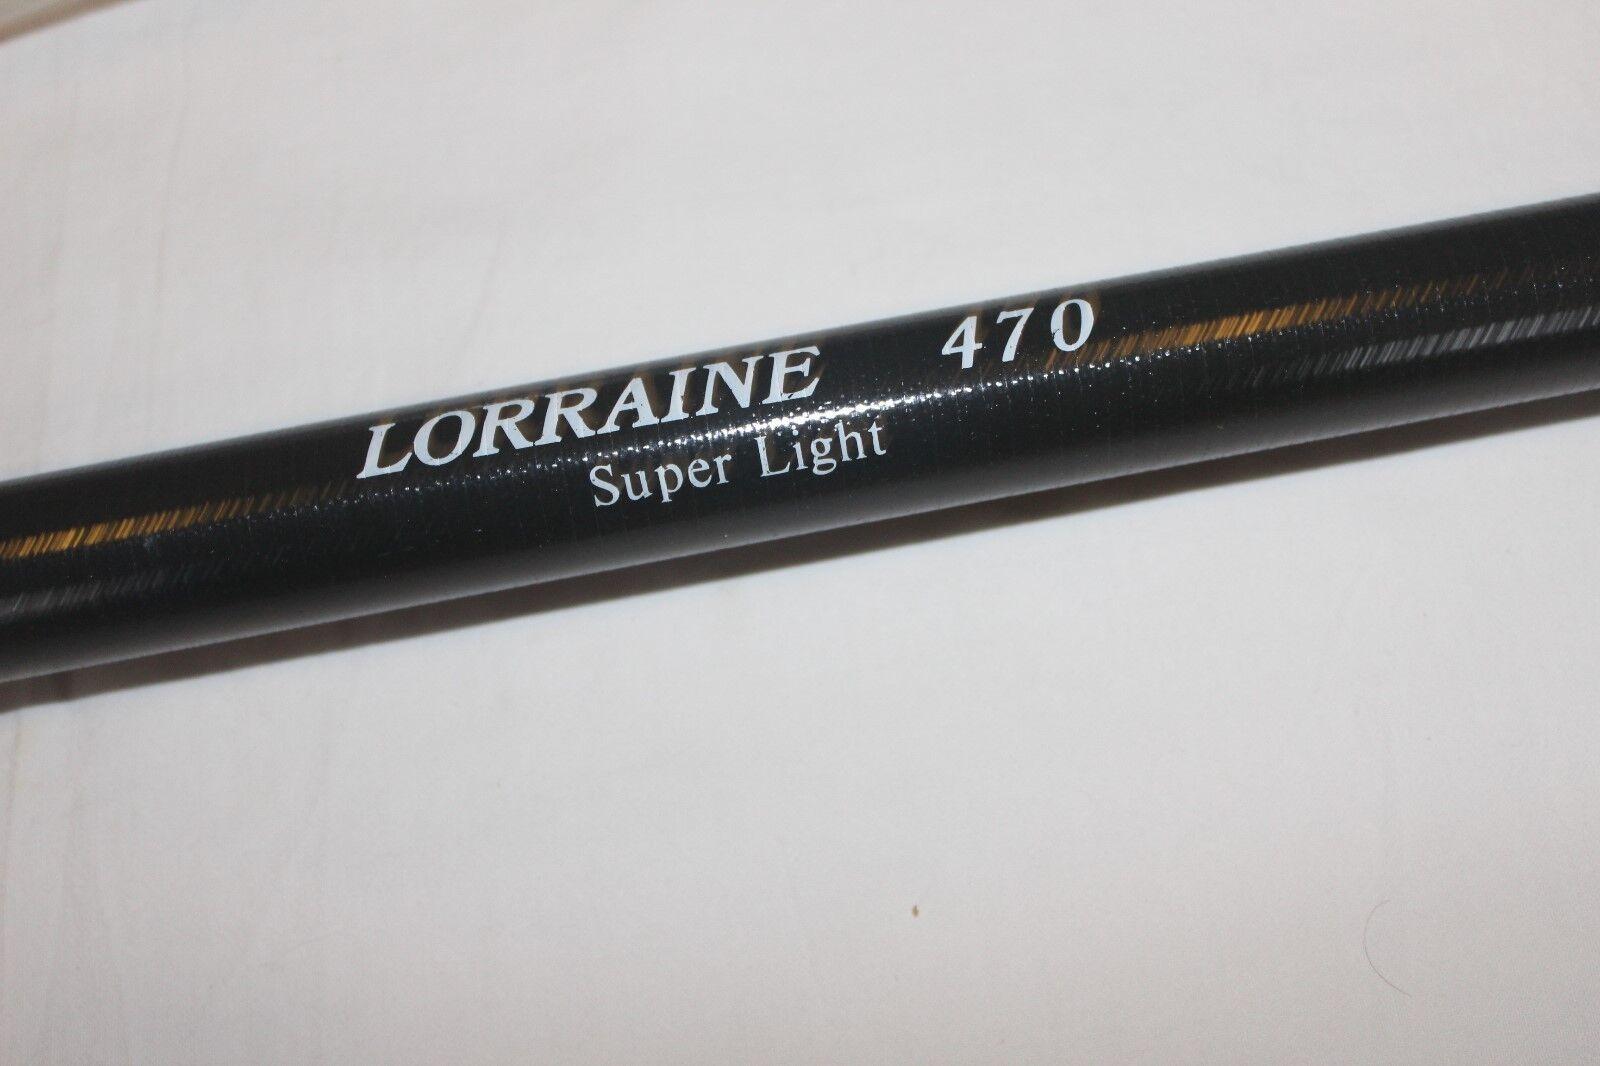 LERC LORRAINE FRANCE-STIPPRUTE-4,70m-Nr-430 470-MADE IN FRANCE-STIPPRUTE-4,70m-Nr-430 LORRAINE cdb5be